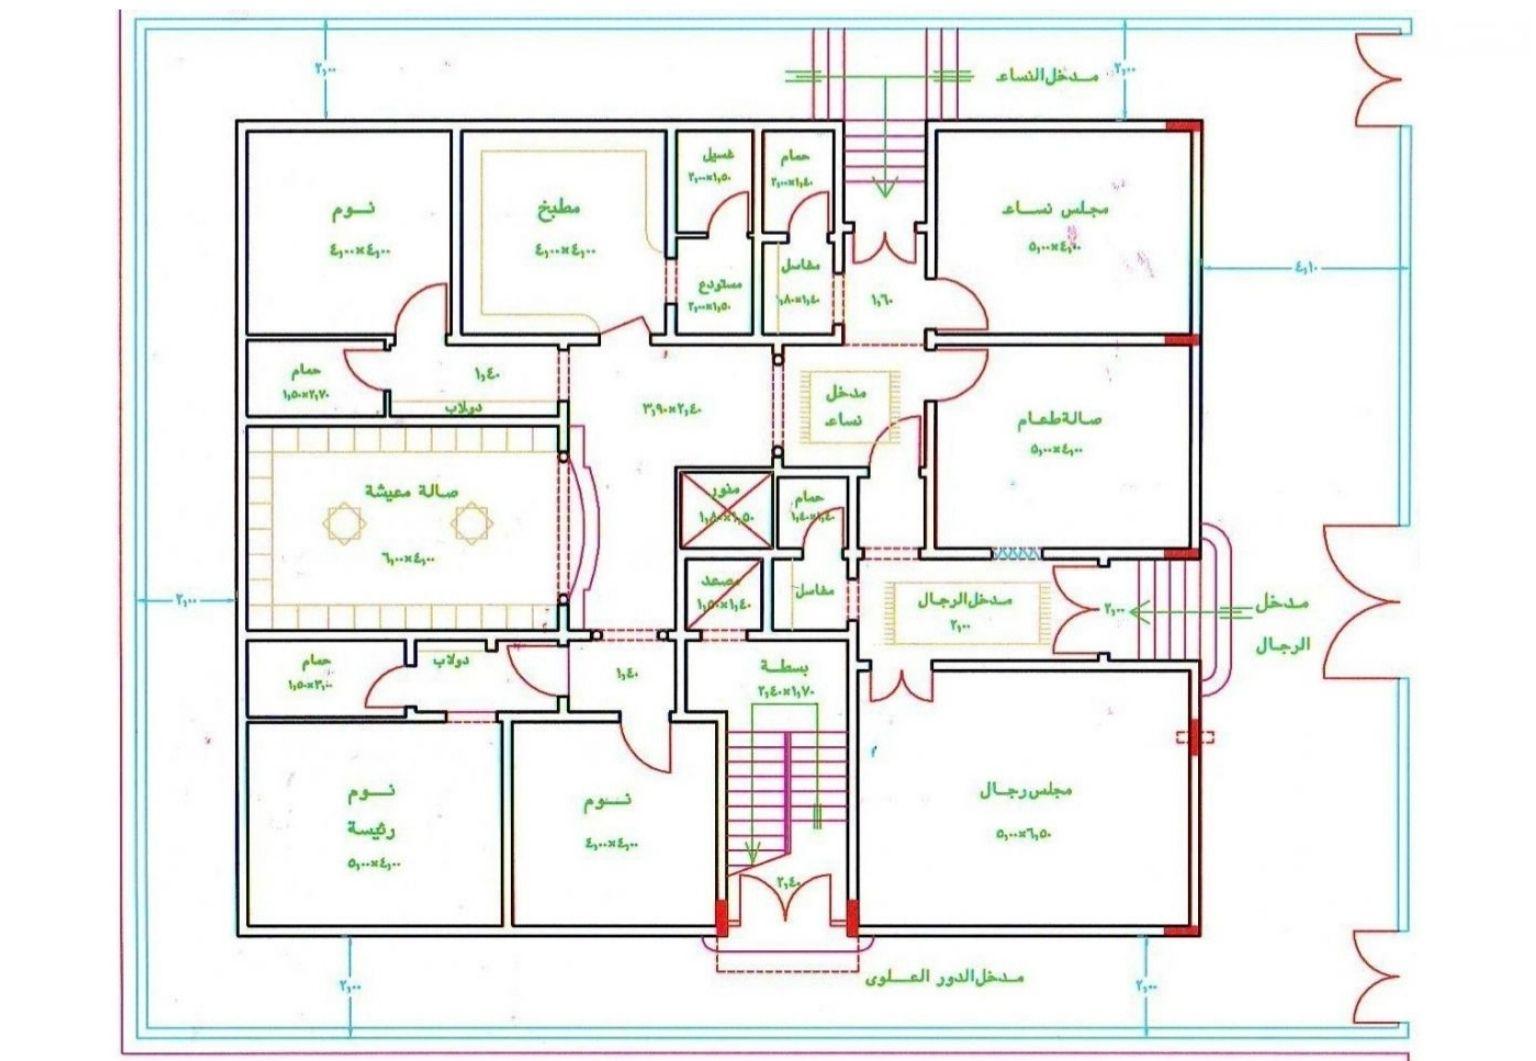 مخطط بيت دور واحد 300 متر سعودي